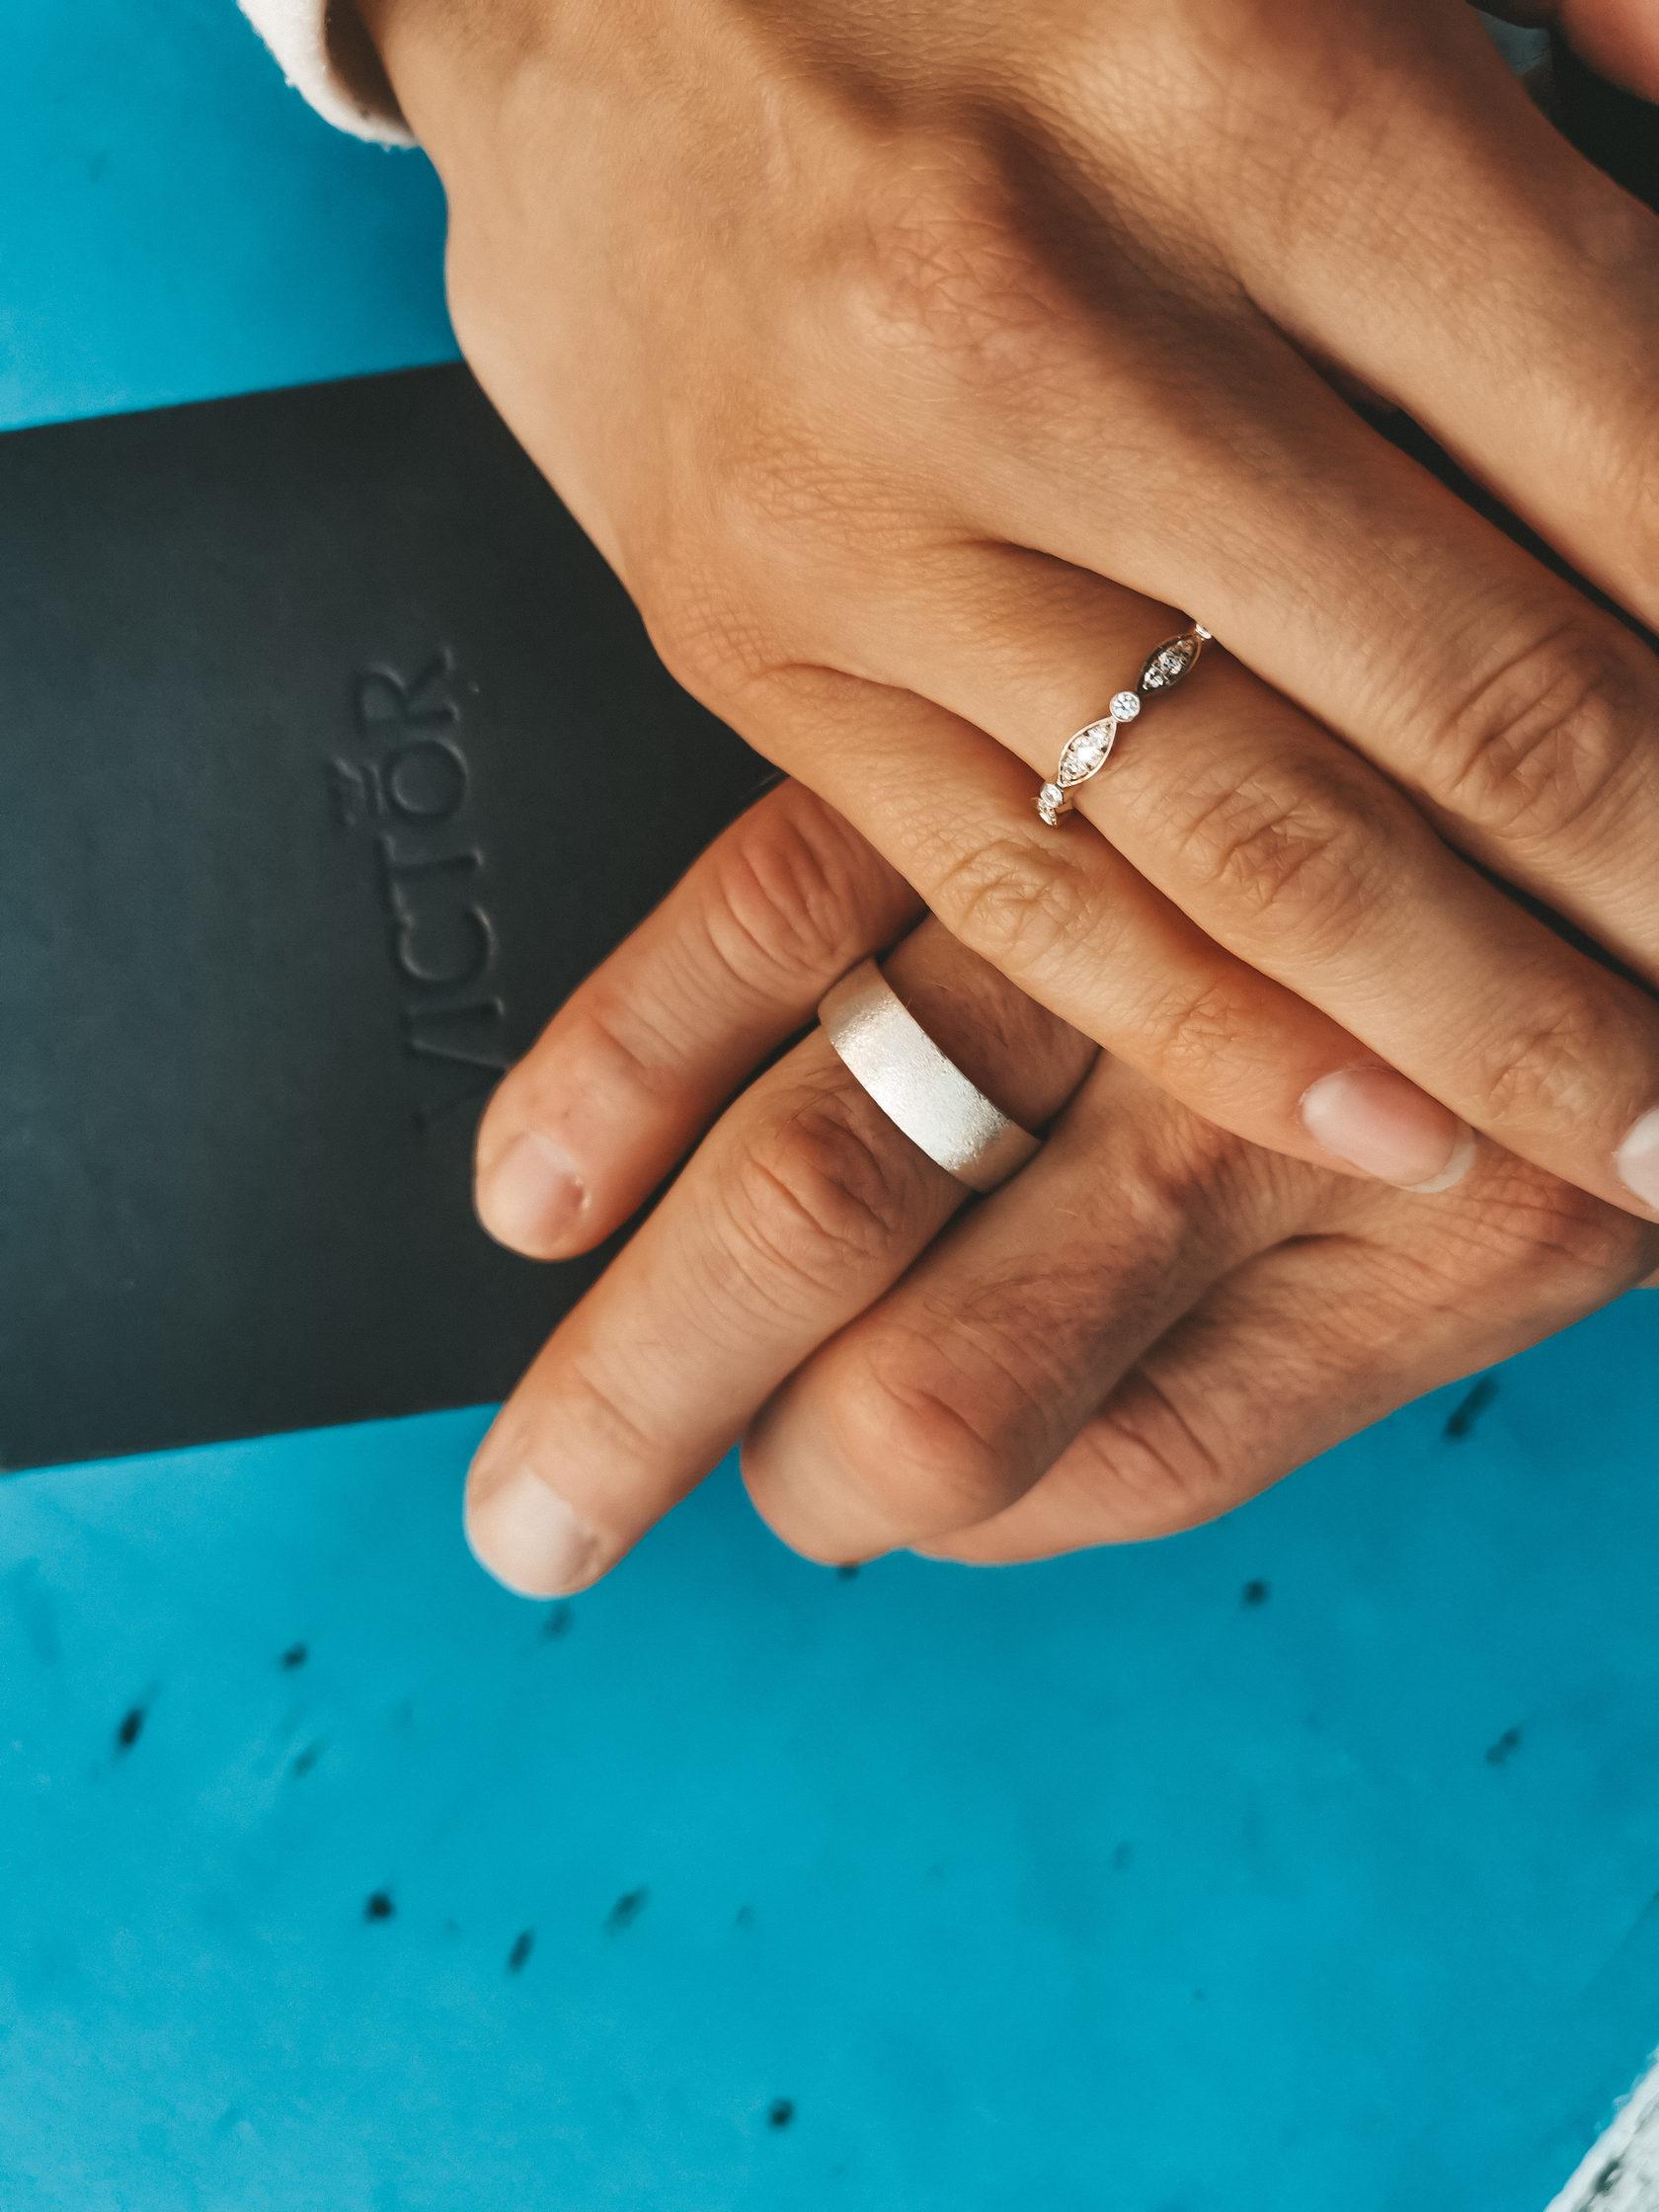 Обручальные кольца купить и заказать в Москве ювелир дизайнер Виктор Шадрин